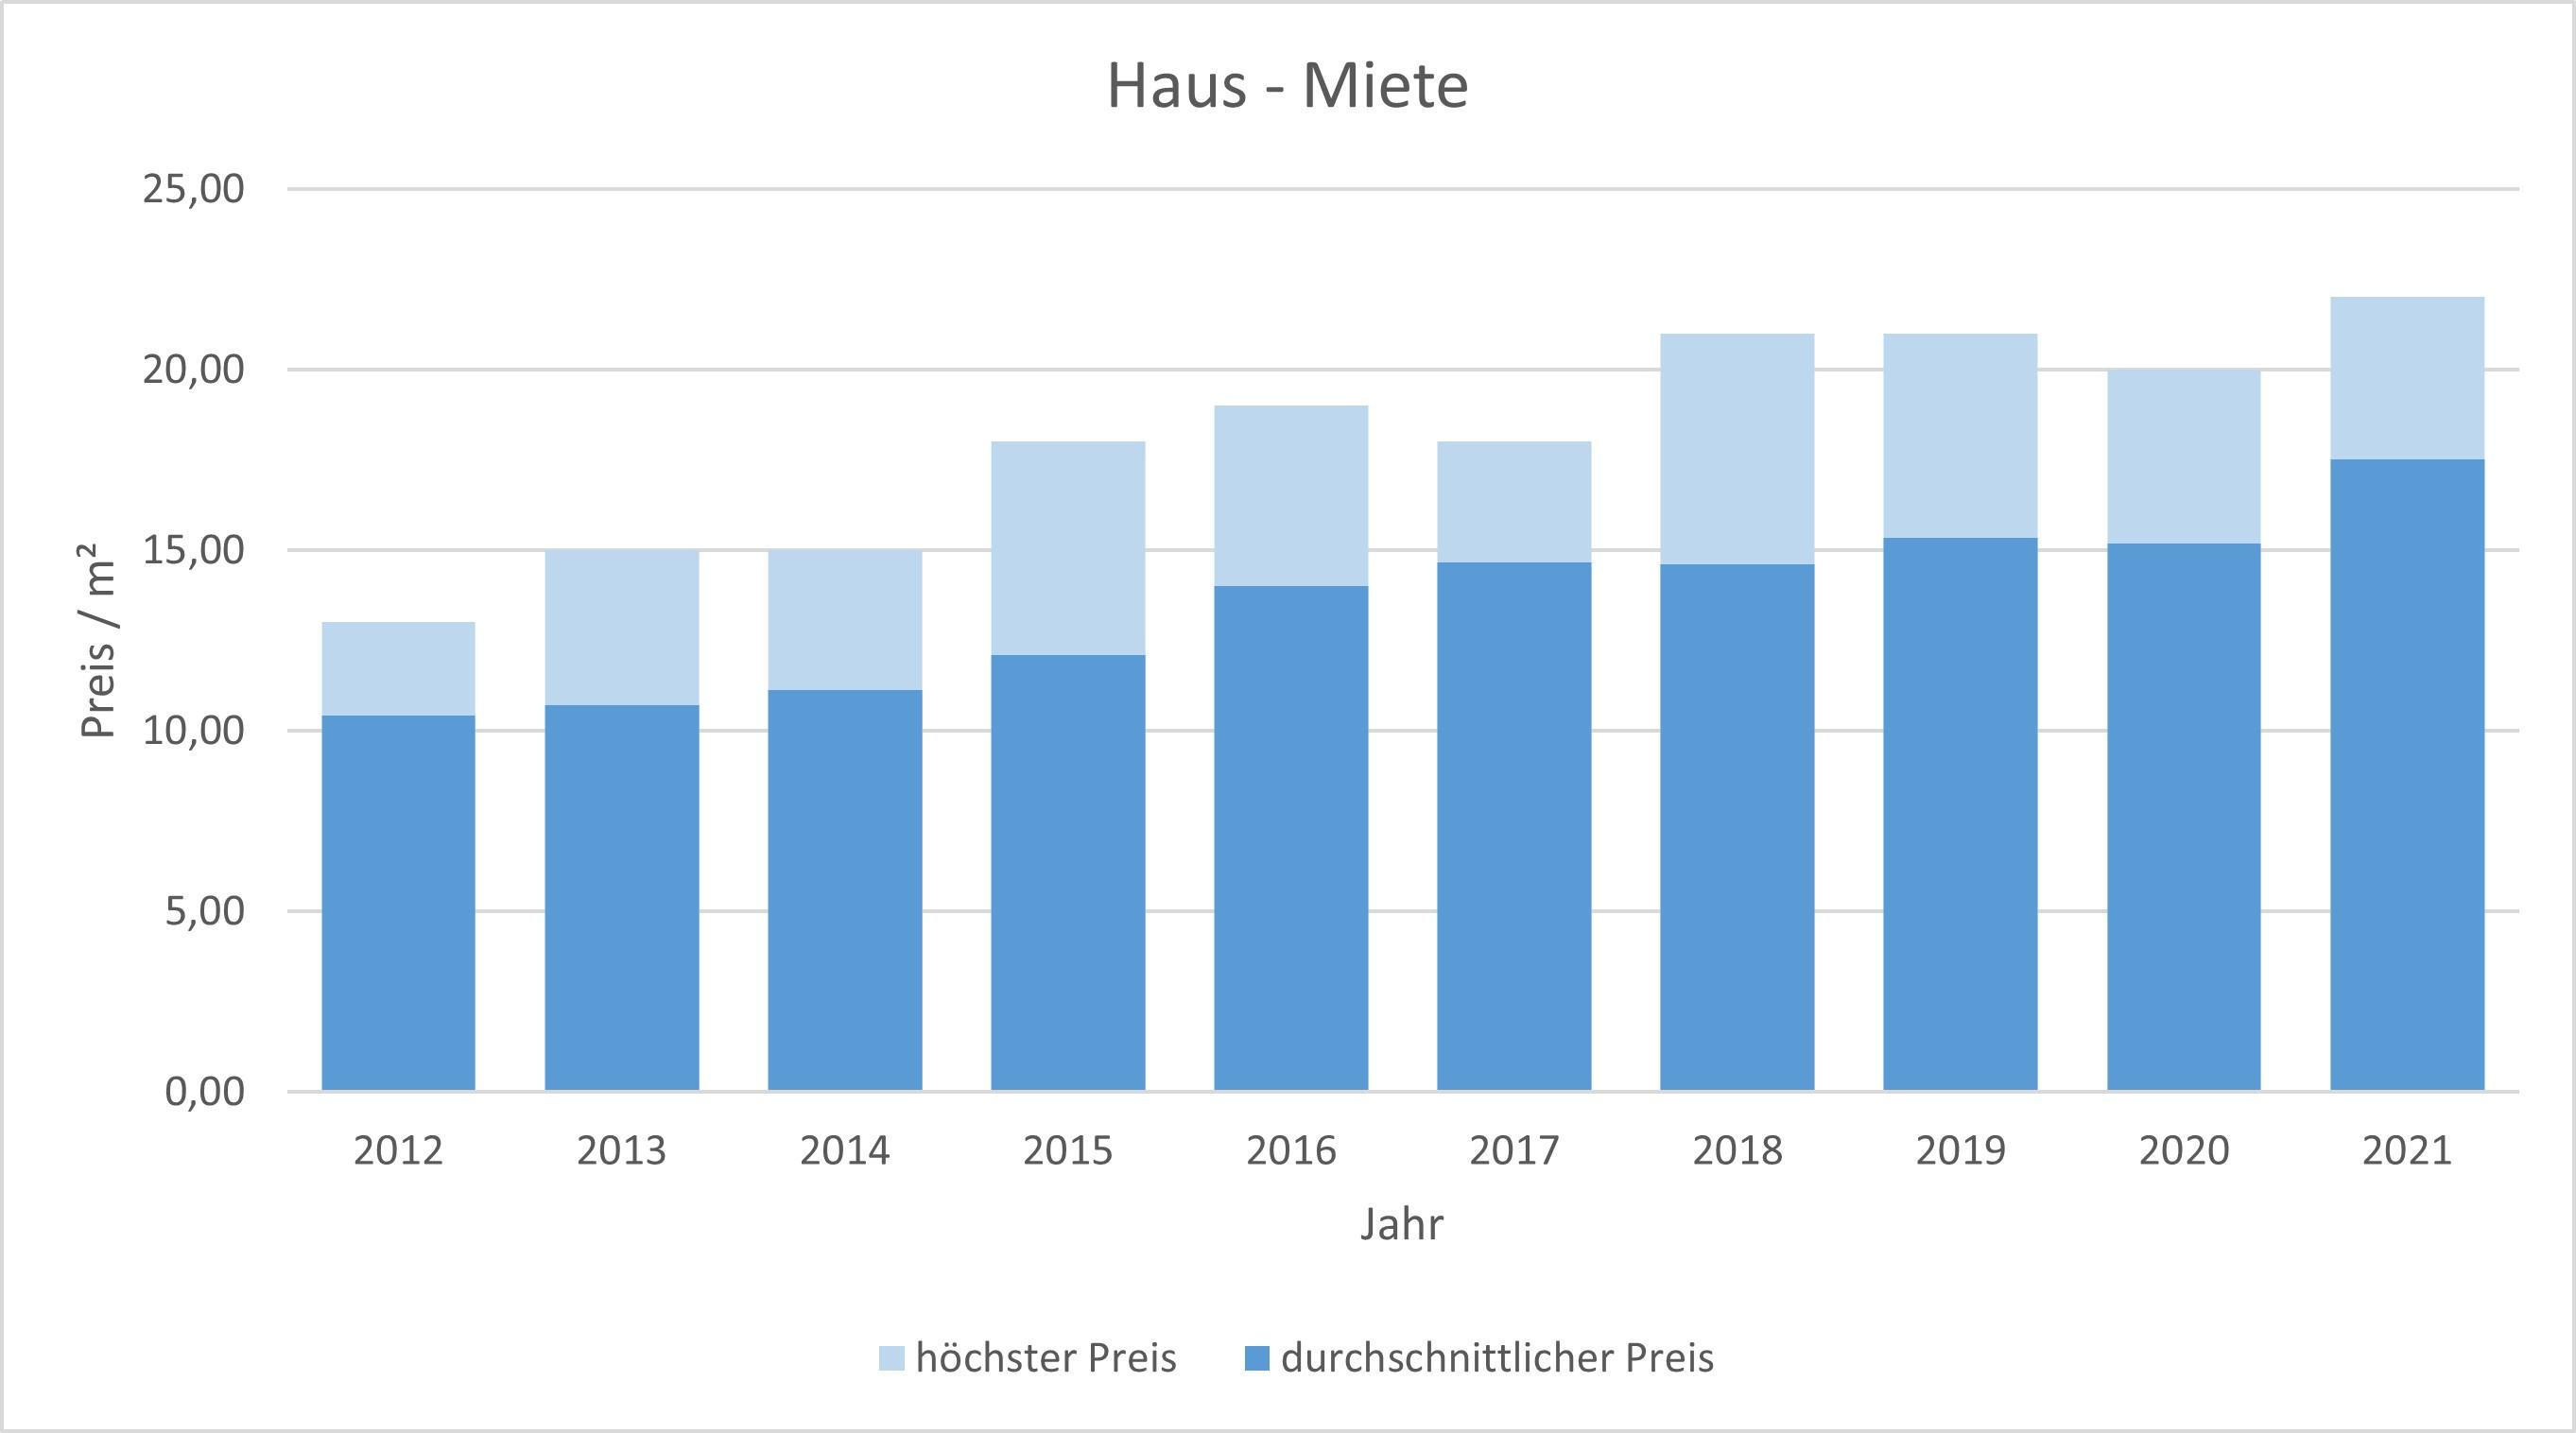 Aschheim Makler Haus vermieten mieten Preis Bewertung 2019, 2020, 2021